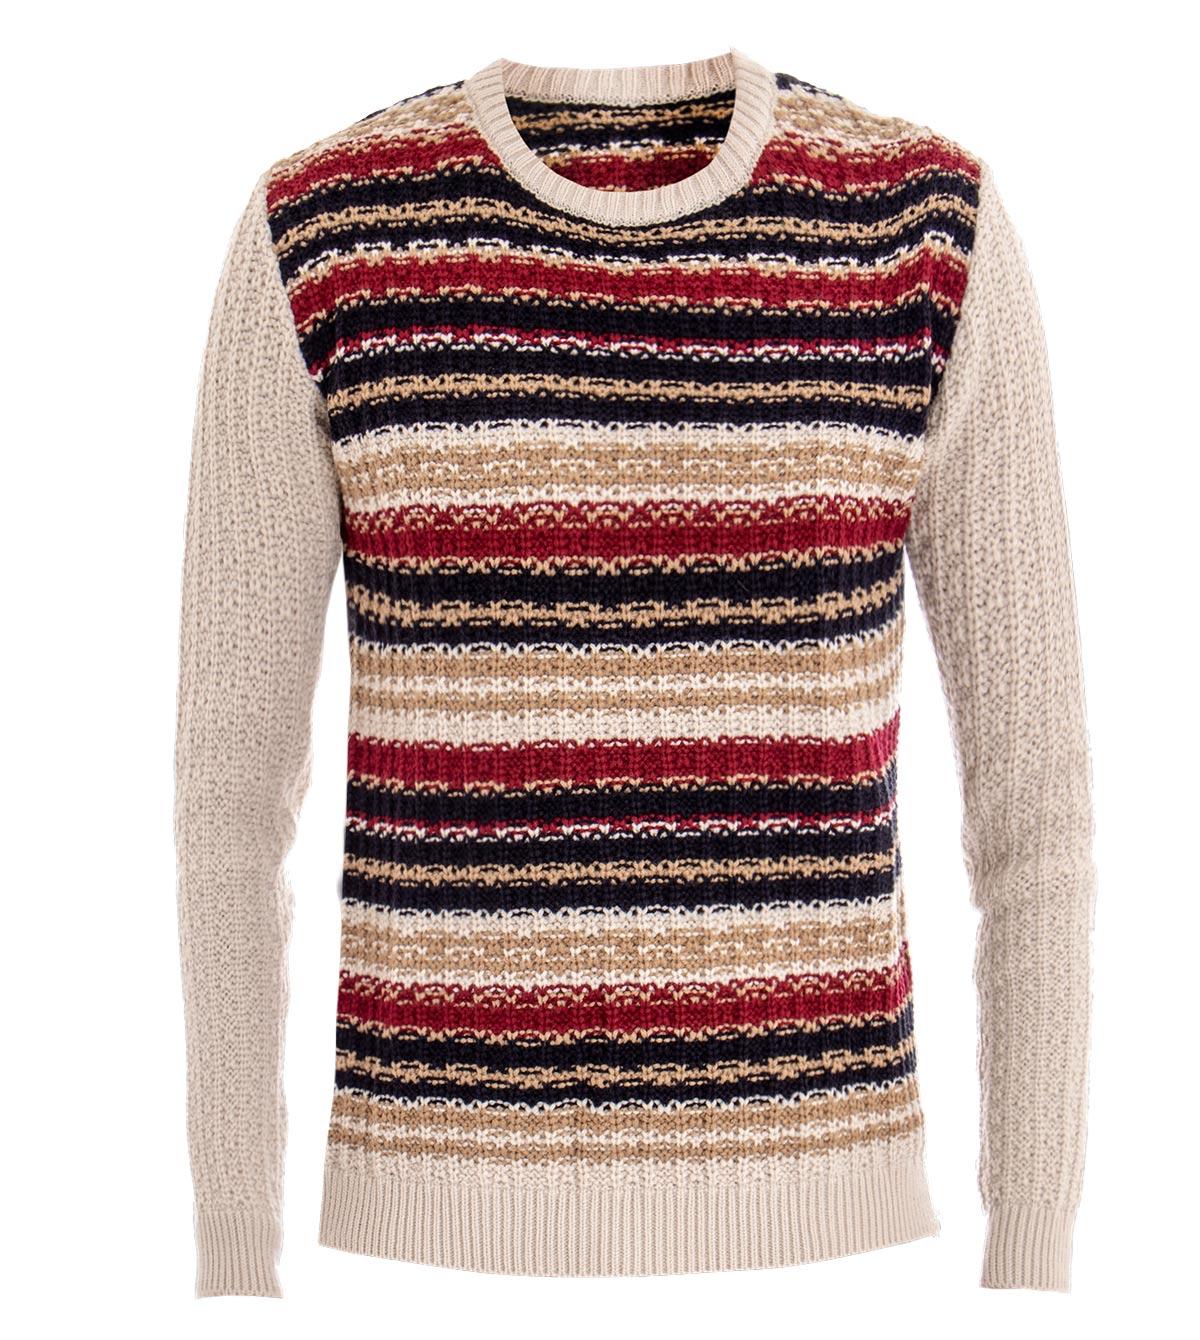 Maglione-Uomo-Girocollo-Pullover-Rigato-Multicolore-Beige-Slim-Casual-GIOSAL